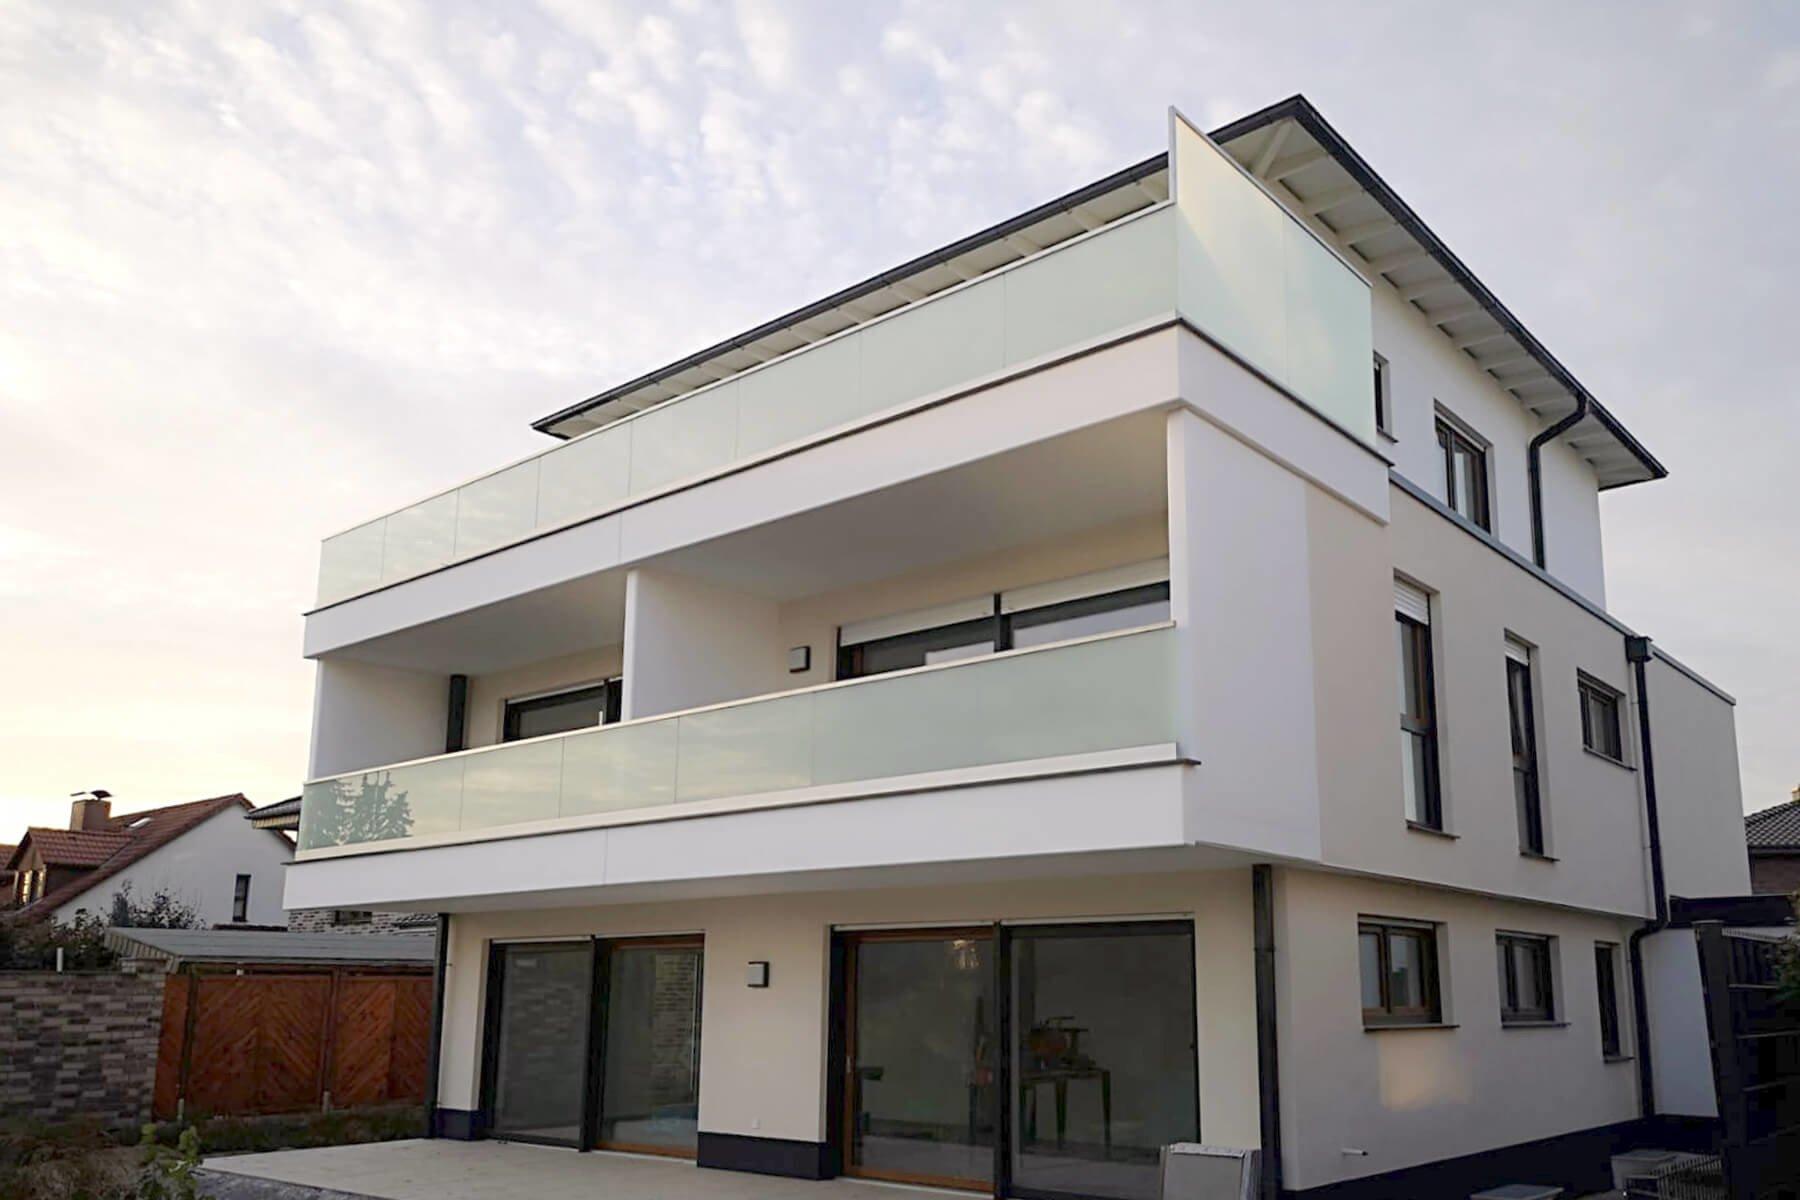 Modernes Mehrfamilienhaus mit Glasgeländer FORMAL als Absturzsicherung für Balkon und Dachterrasse